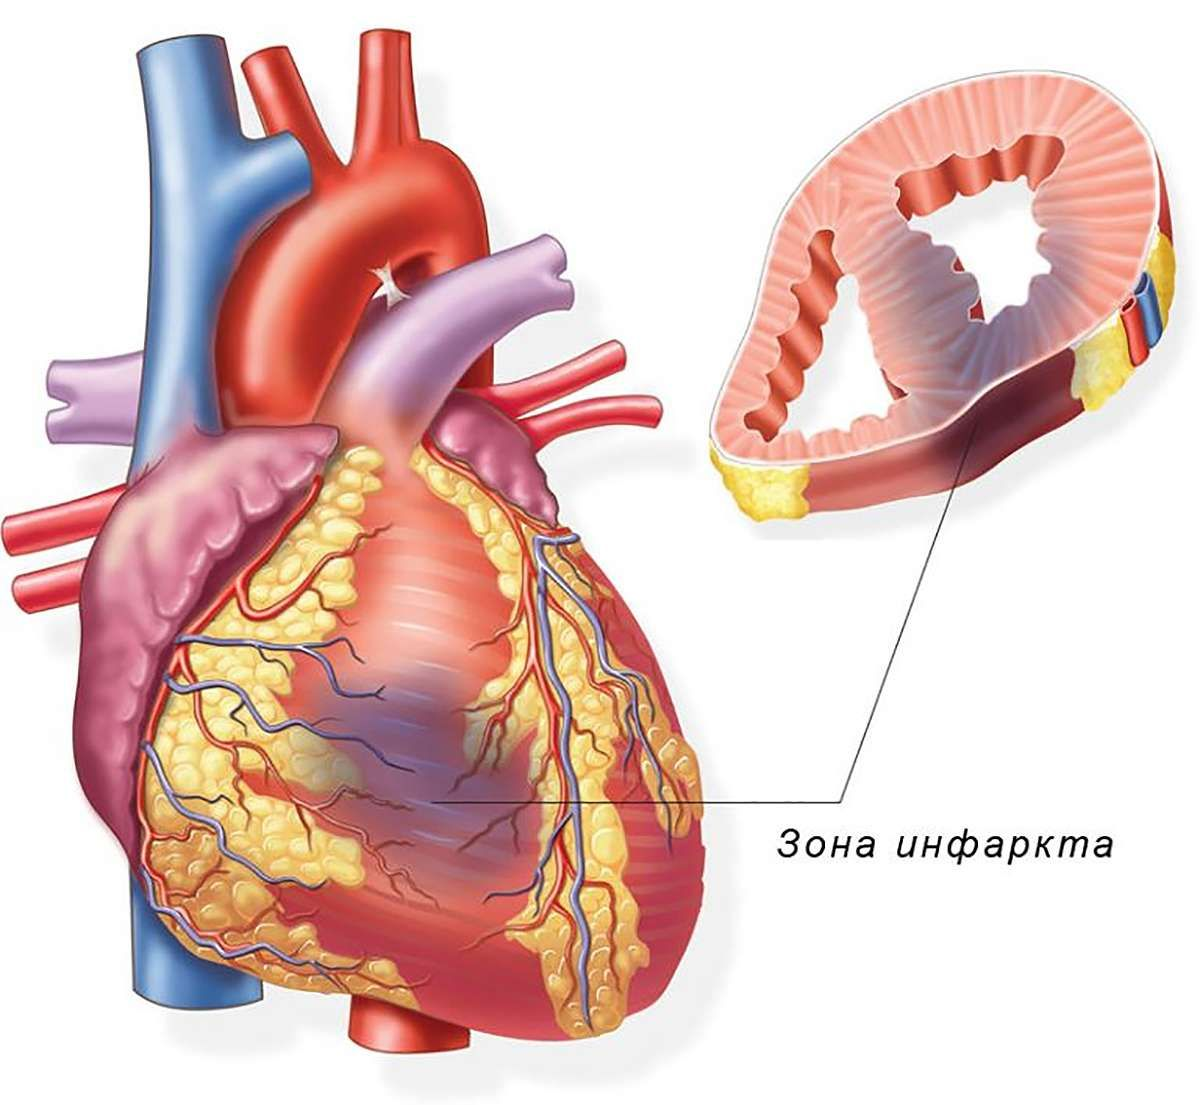 Инфаркт миокарда - симптомы, лечение, профилактика ...